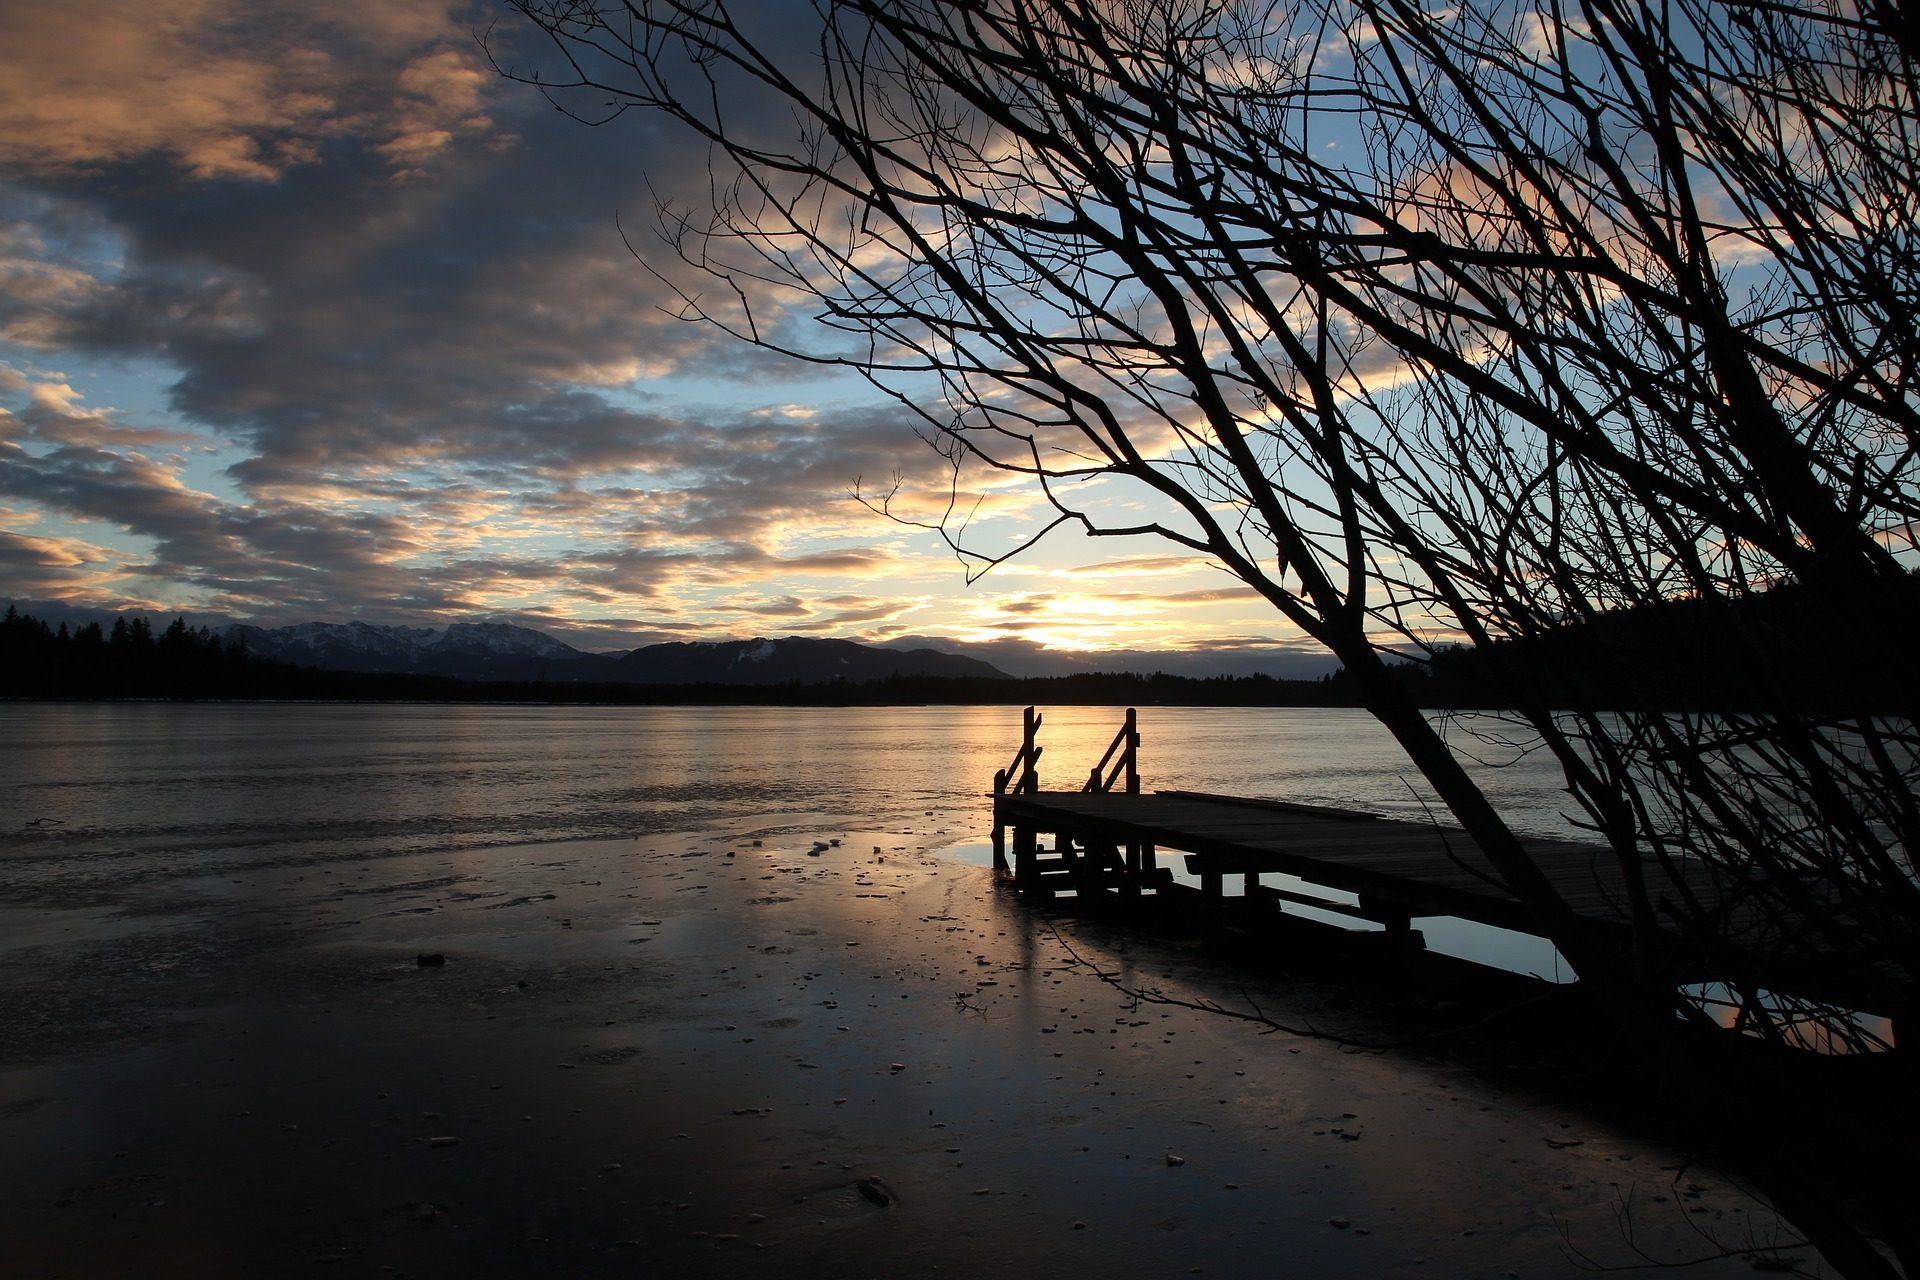 湖, 木, 春, エンバカデロ, サンセット, 雲 - HD の壁紙 - 教授-falken.com